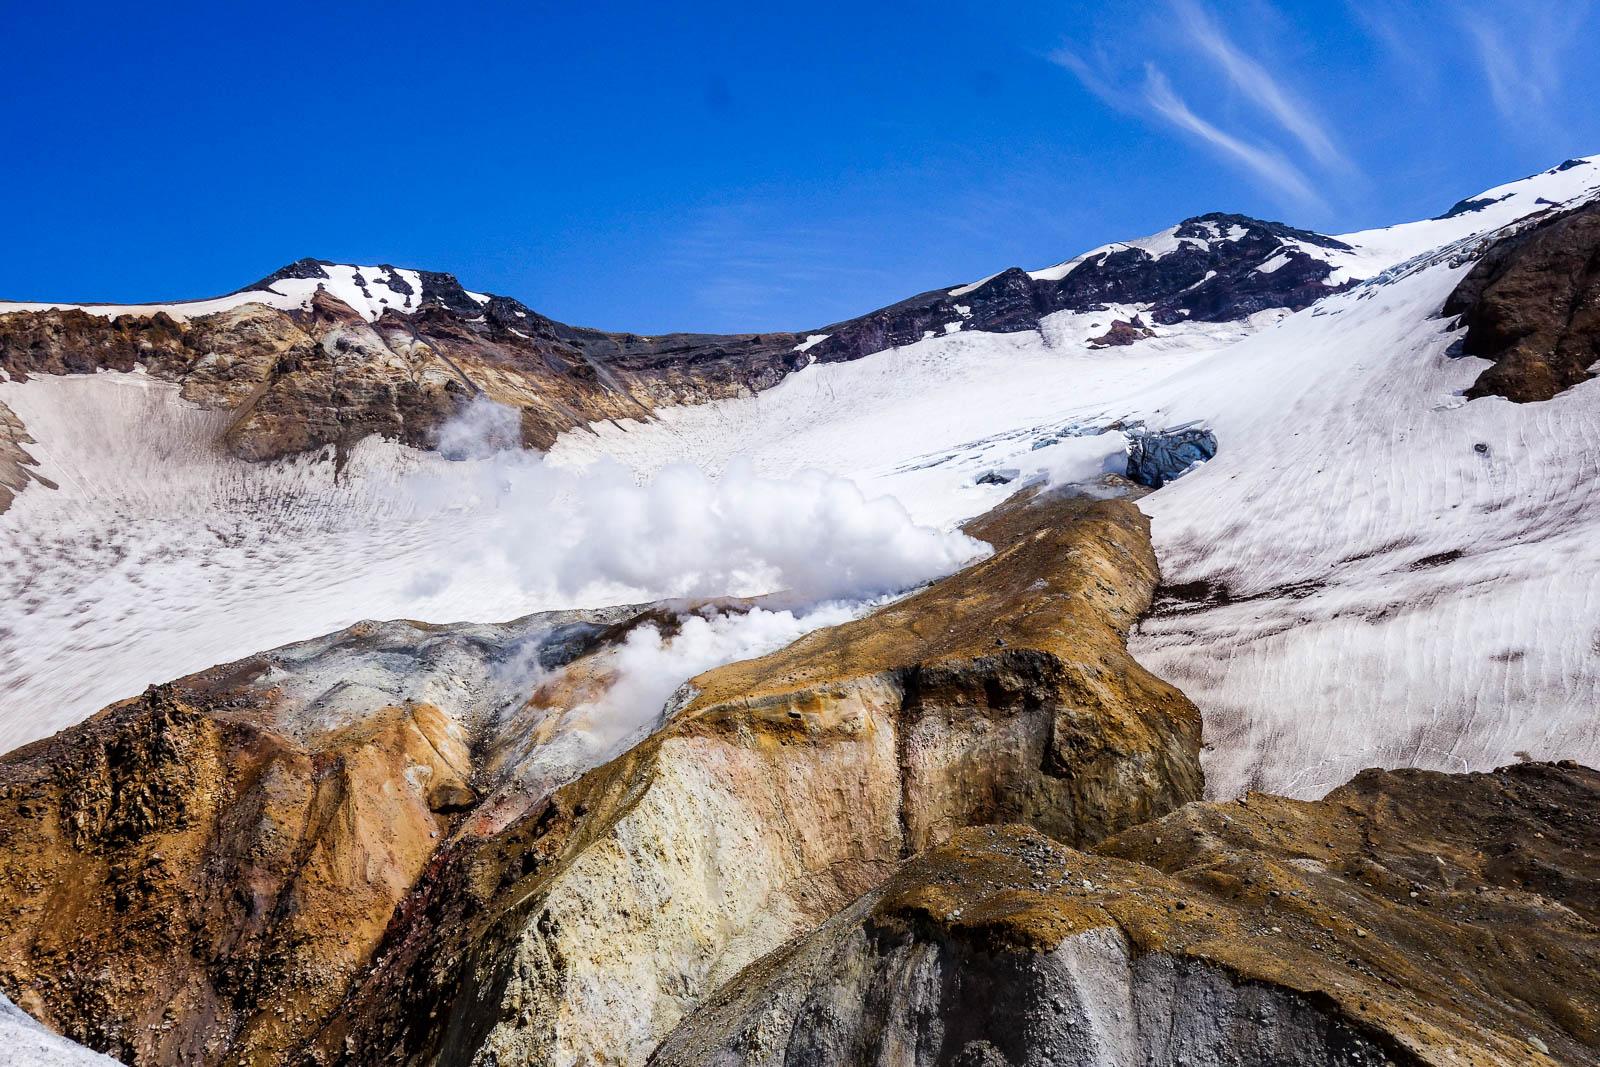 kamchatka-2015-volcanoes-2